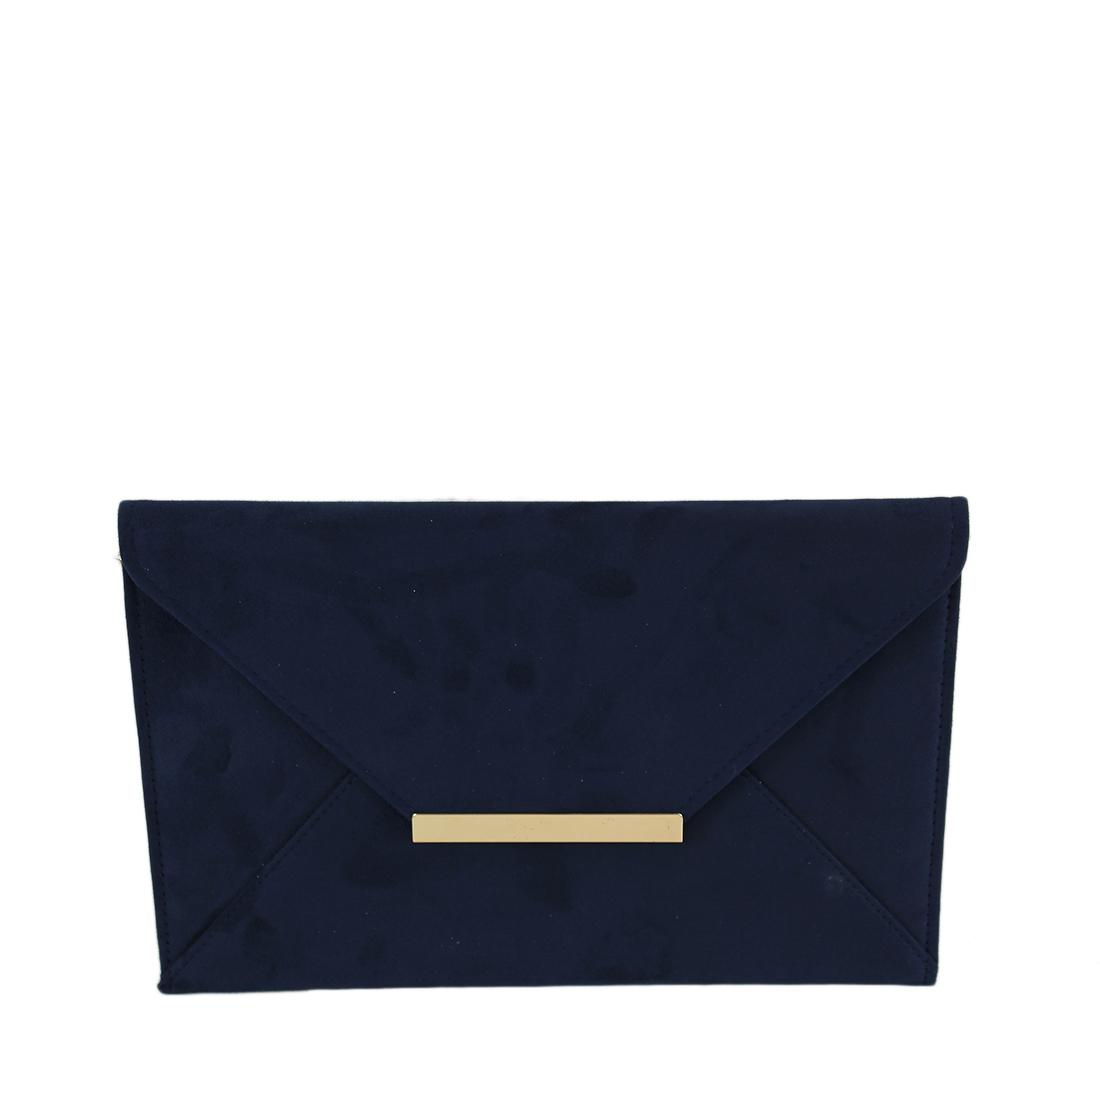 Plain envelope style suede clutch bag